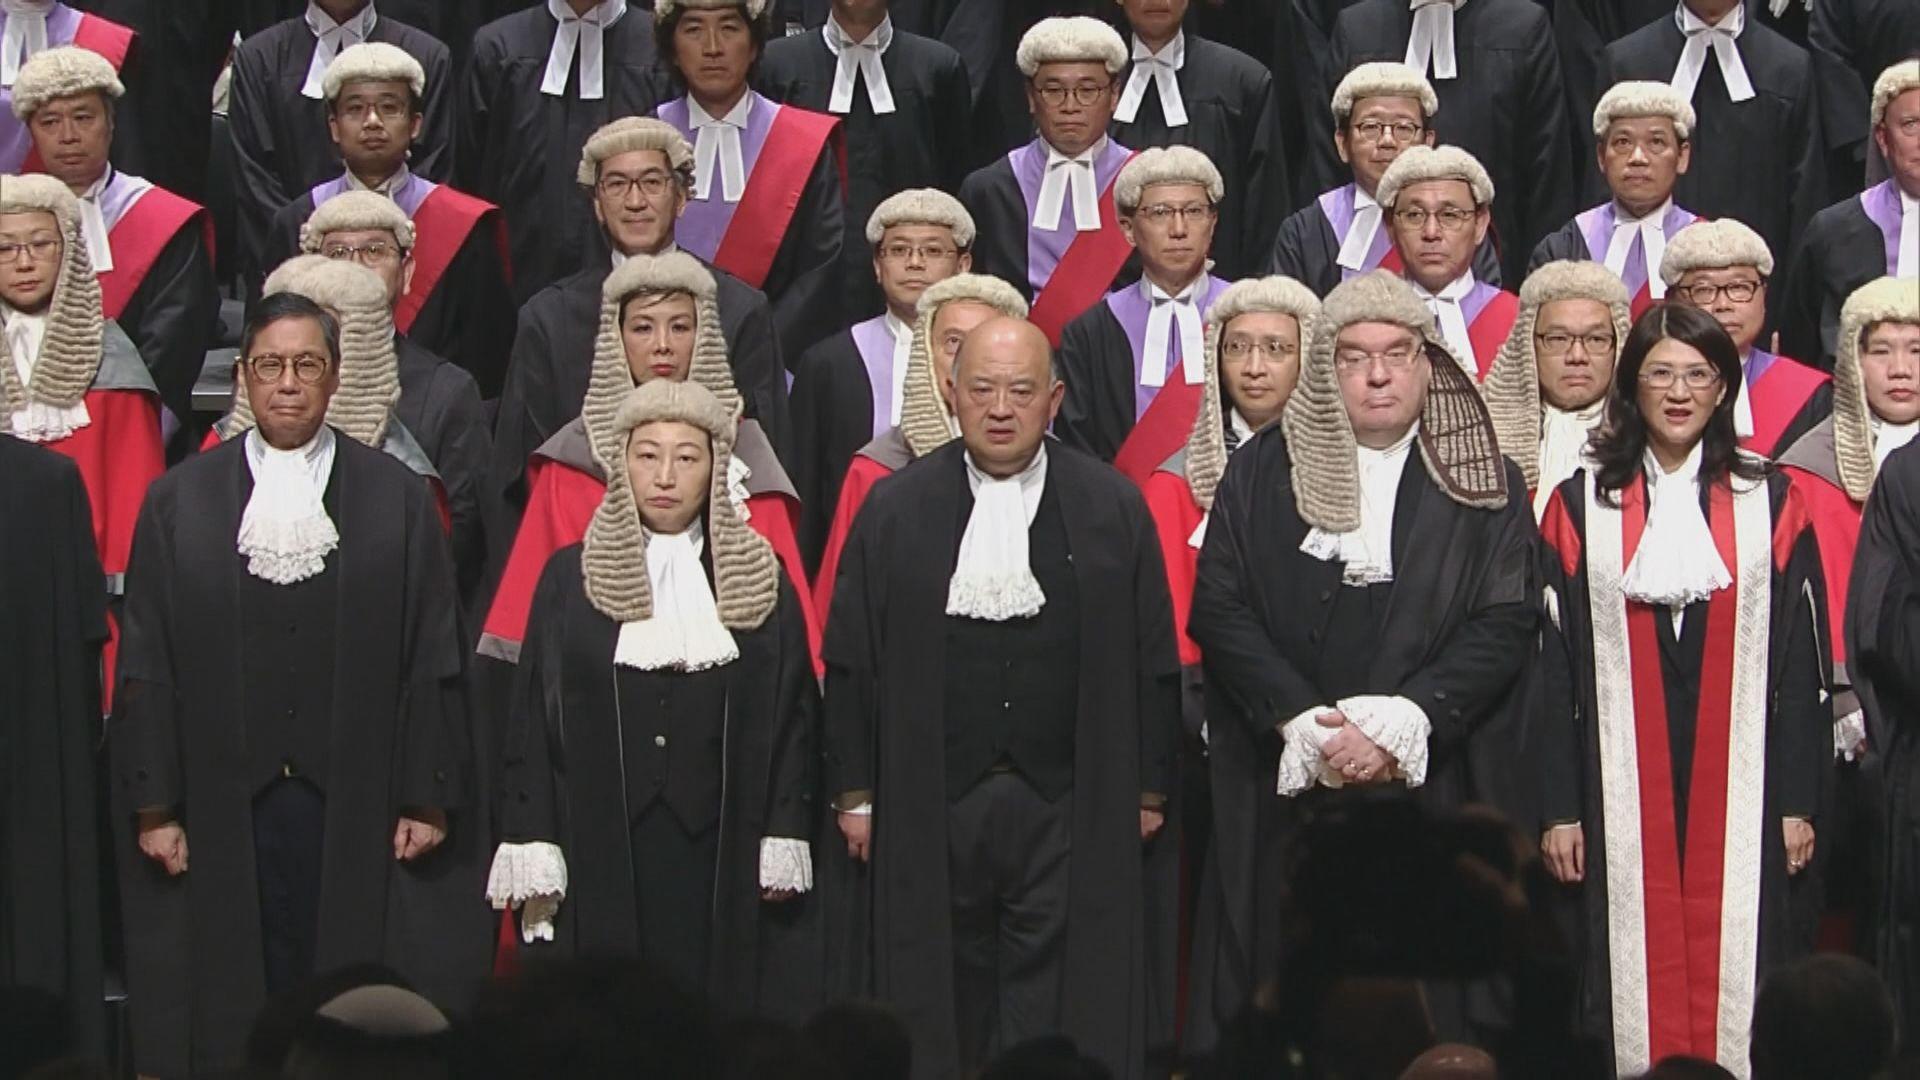 多宗反修例事件進入司法程序 高院批臨時禁令阻起底